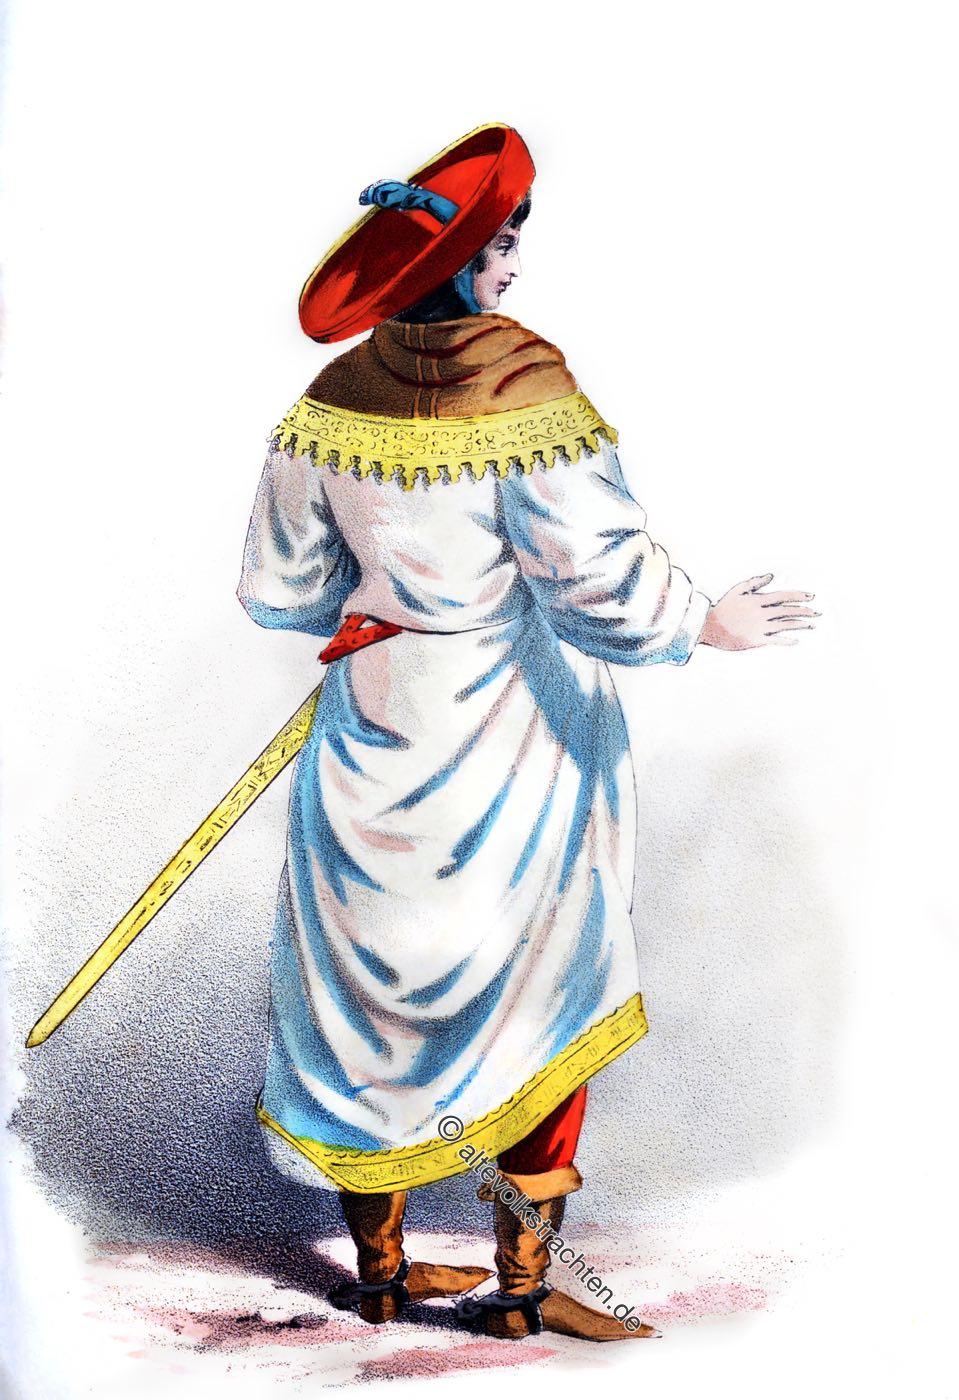 Kaiser Friedrich III, Adliger, Renaissance, Mode, Kostüm, Habsburger, Pinturicchio